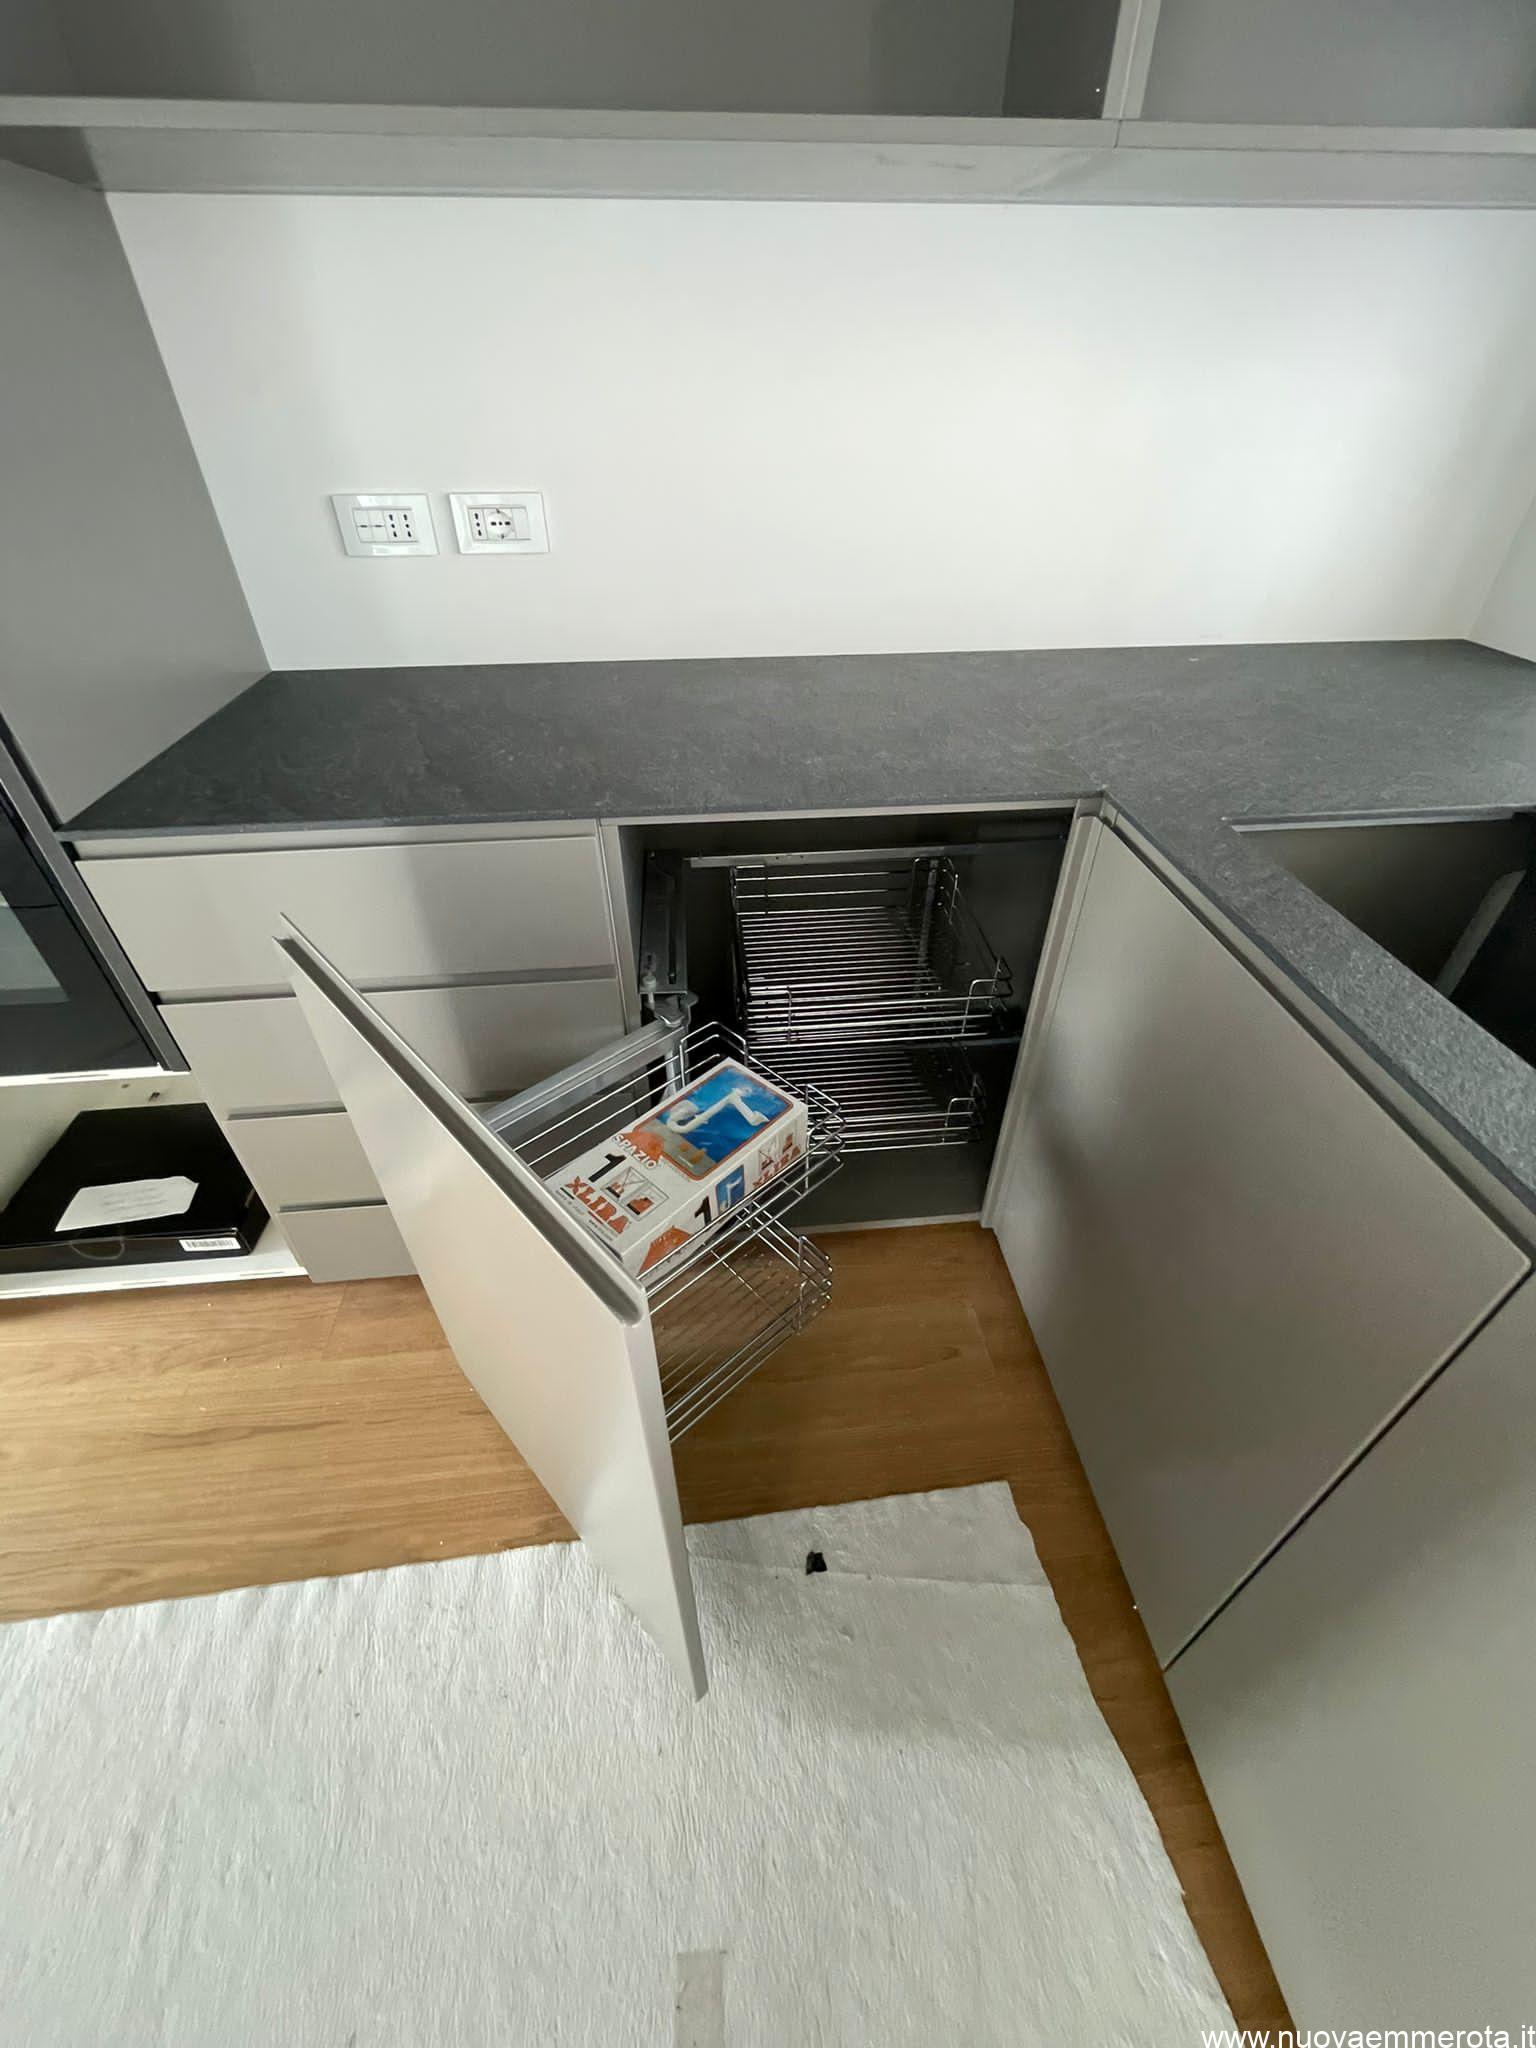 Cucina su misura con sportello aperto e carrelli estraibile all'interno.